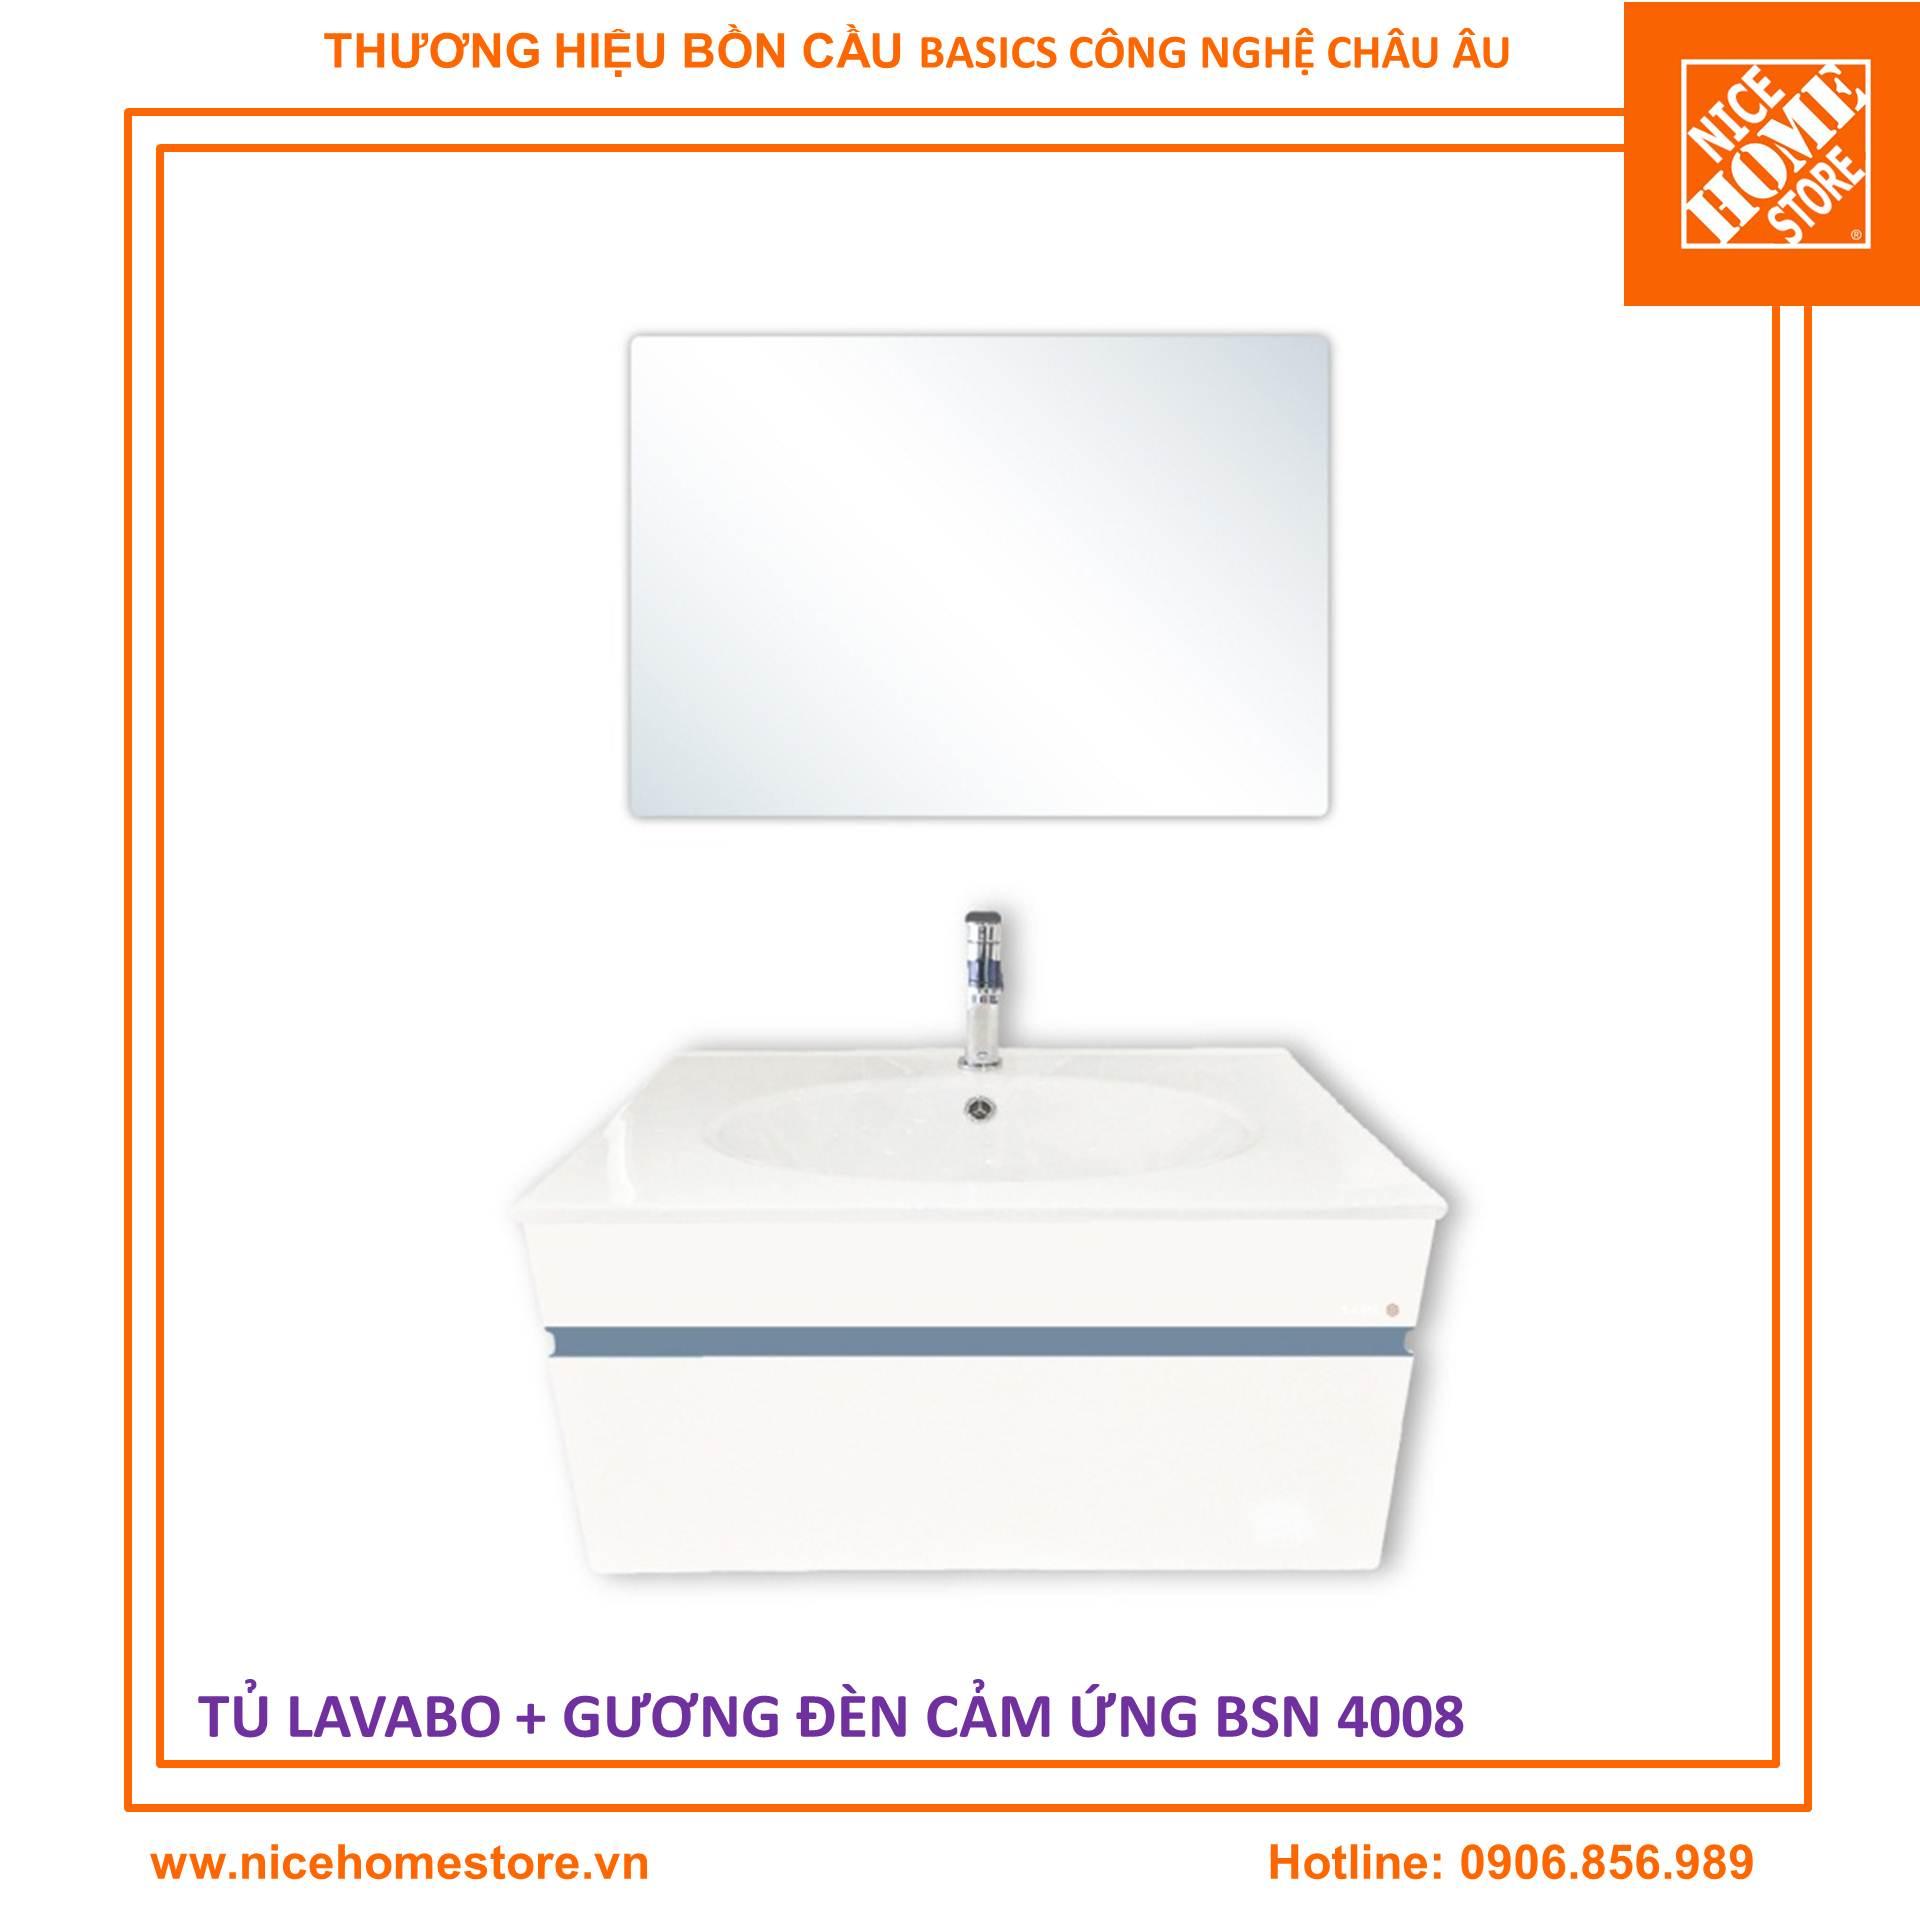 Basics BSN 4008 lavabo tủ gương đèncảm ứng